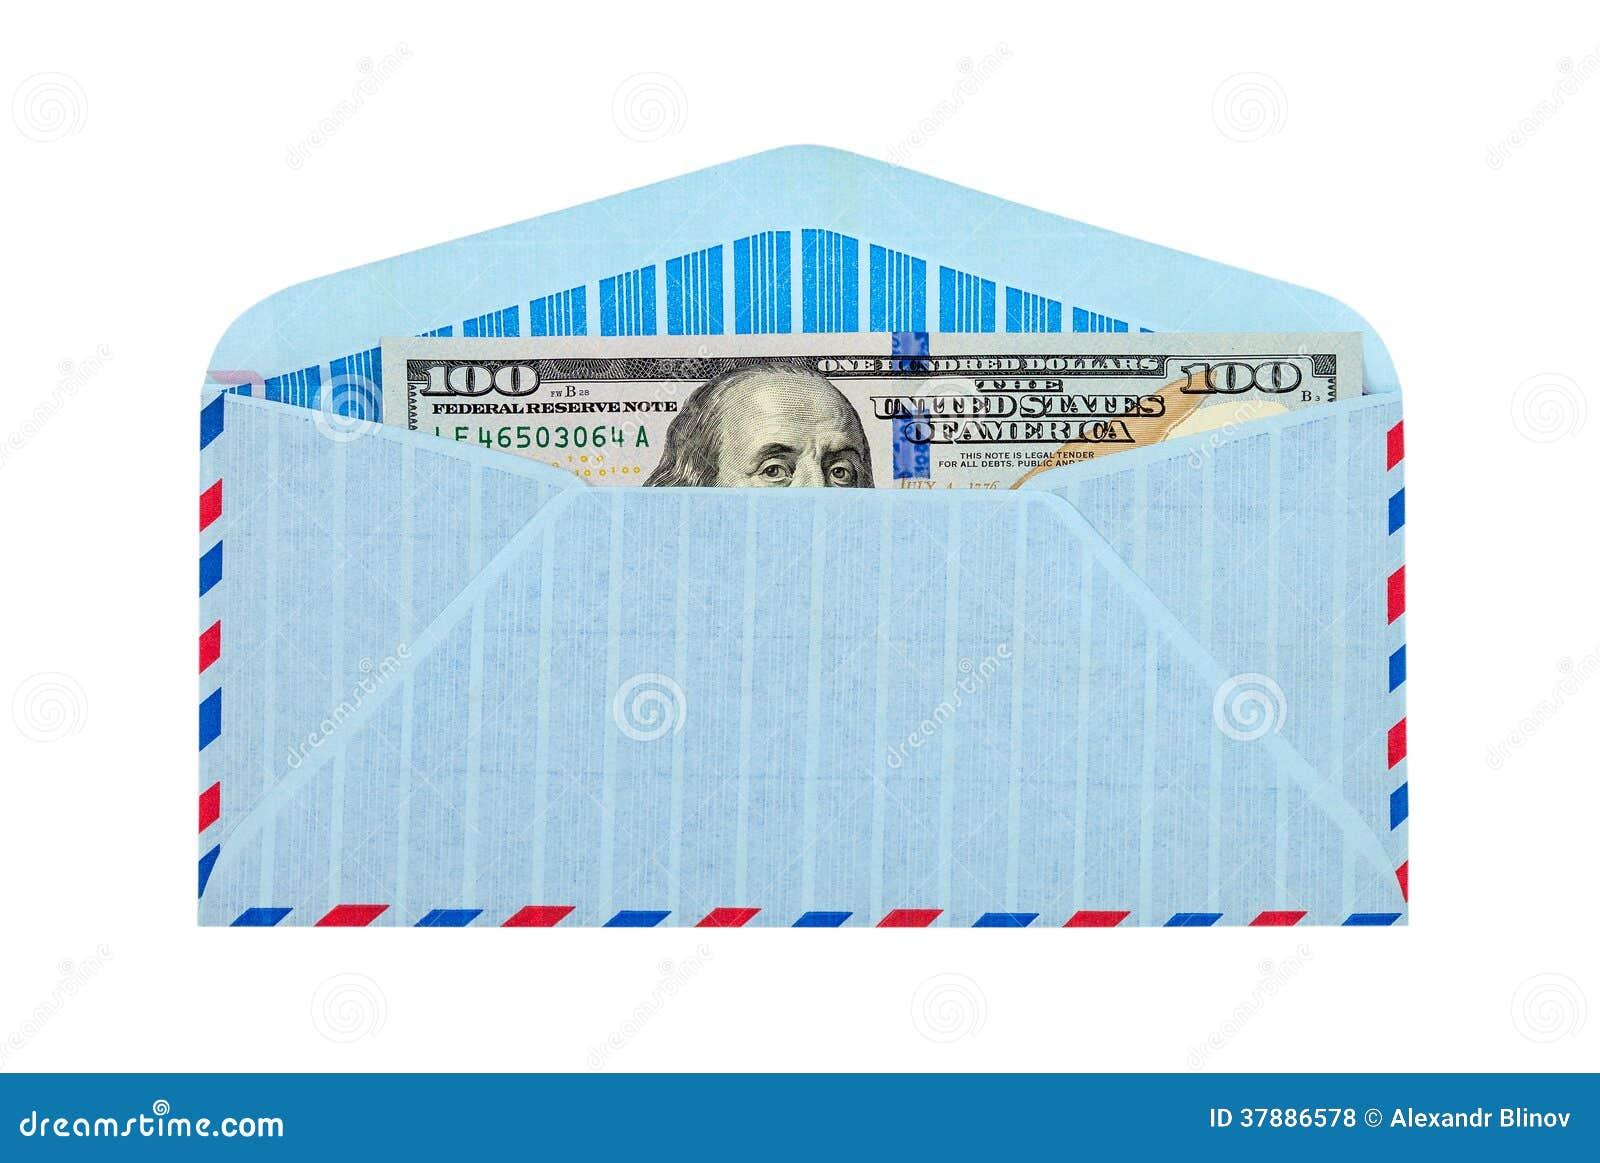 Envelop met contant geld in dollars